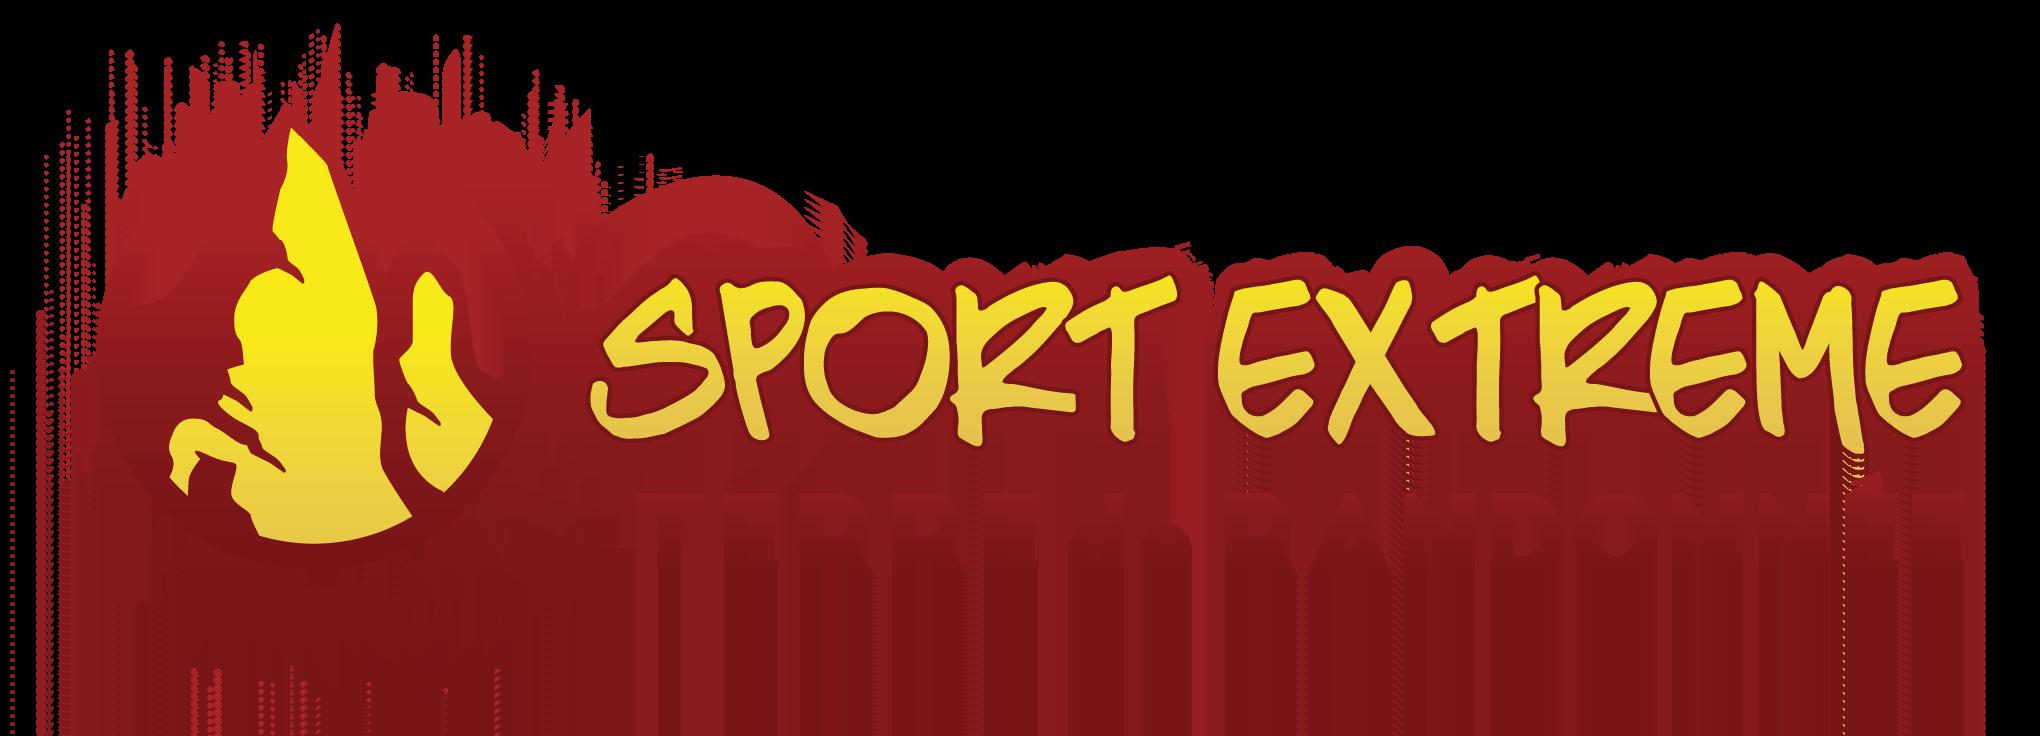 Terre de randonnée - Xtrem sports